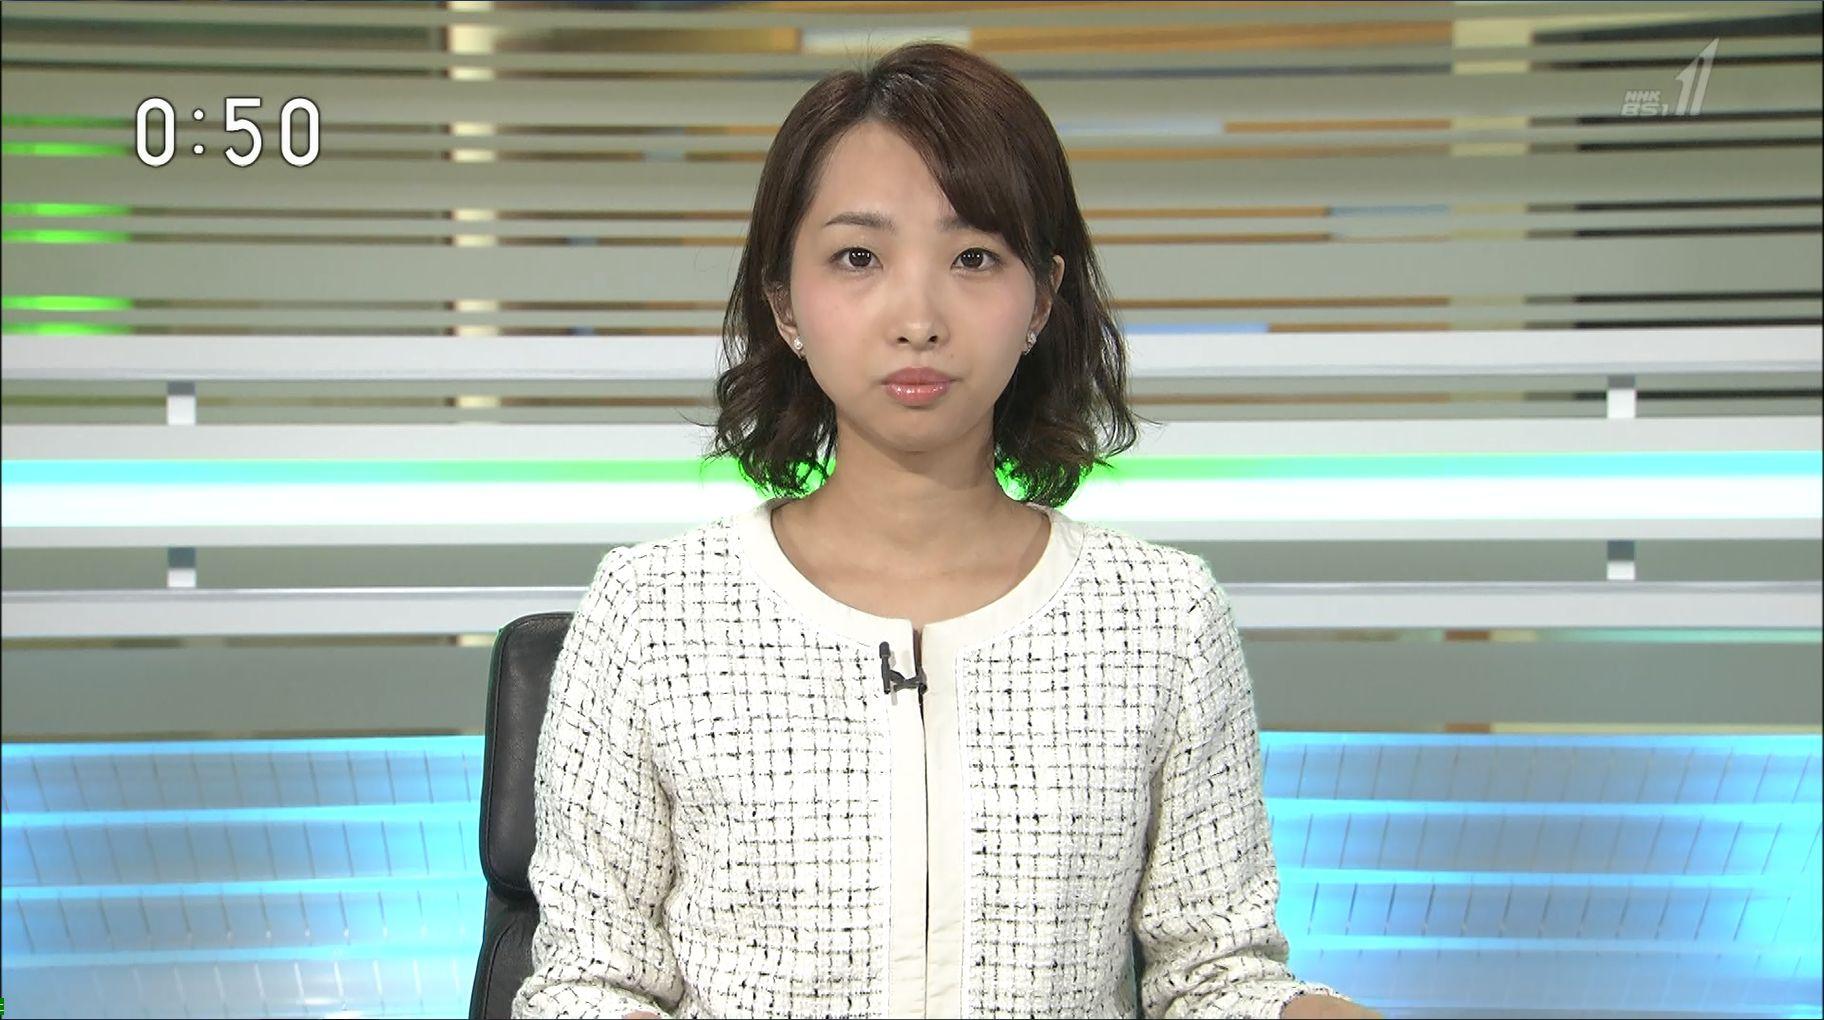 山住悠アナ(NHK・BSニュース)の胸のカップ画像が …